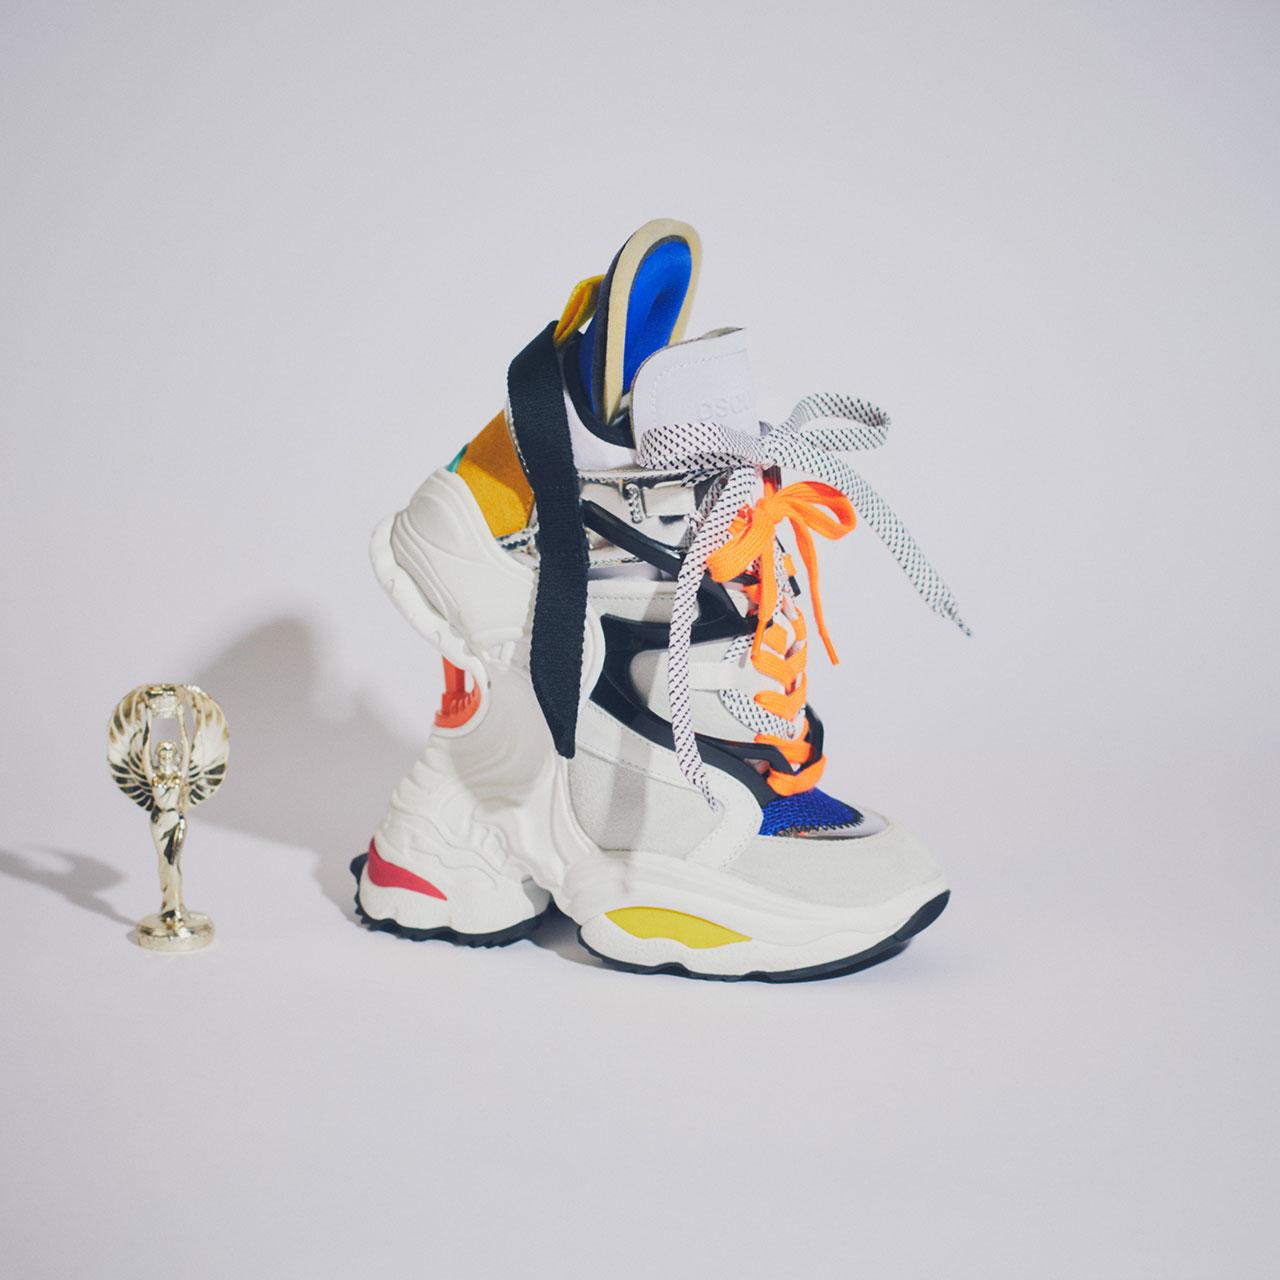 シューズ ¥237,000 [ソール 17cm]、Dsquared2/ディースクエアード 東京 03-3537-5731